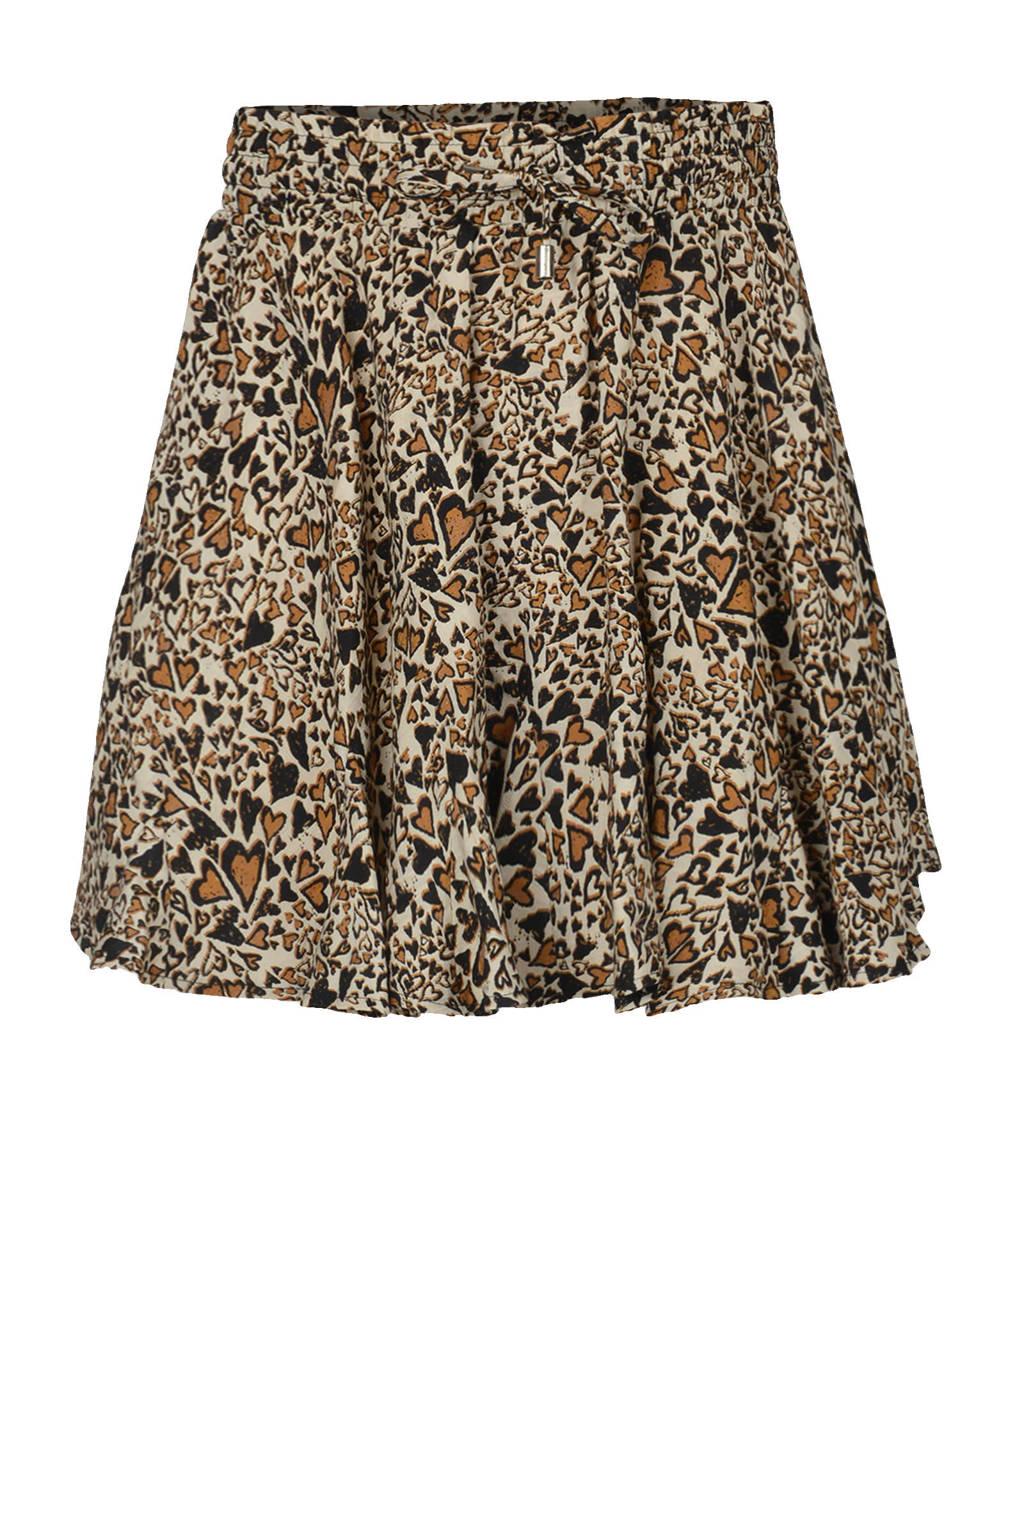 Shoeby Jill & Mitch mini rok West met all over print ecru/bruin/zwart, Ecru/bruin/zwart